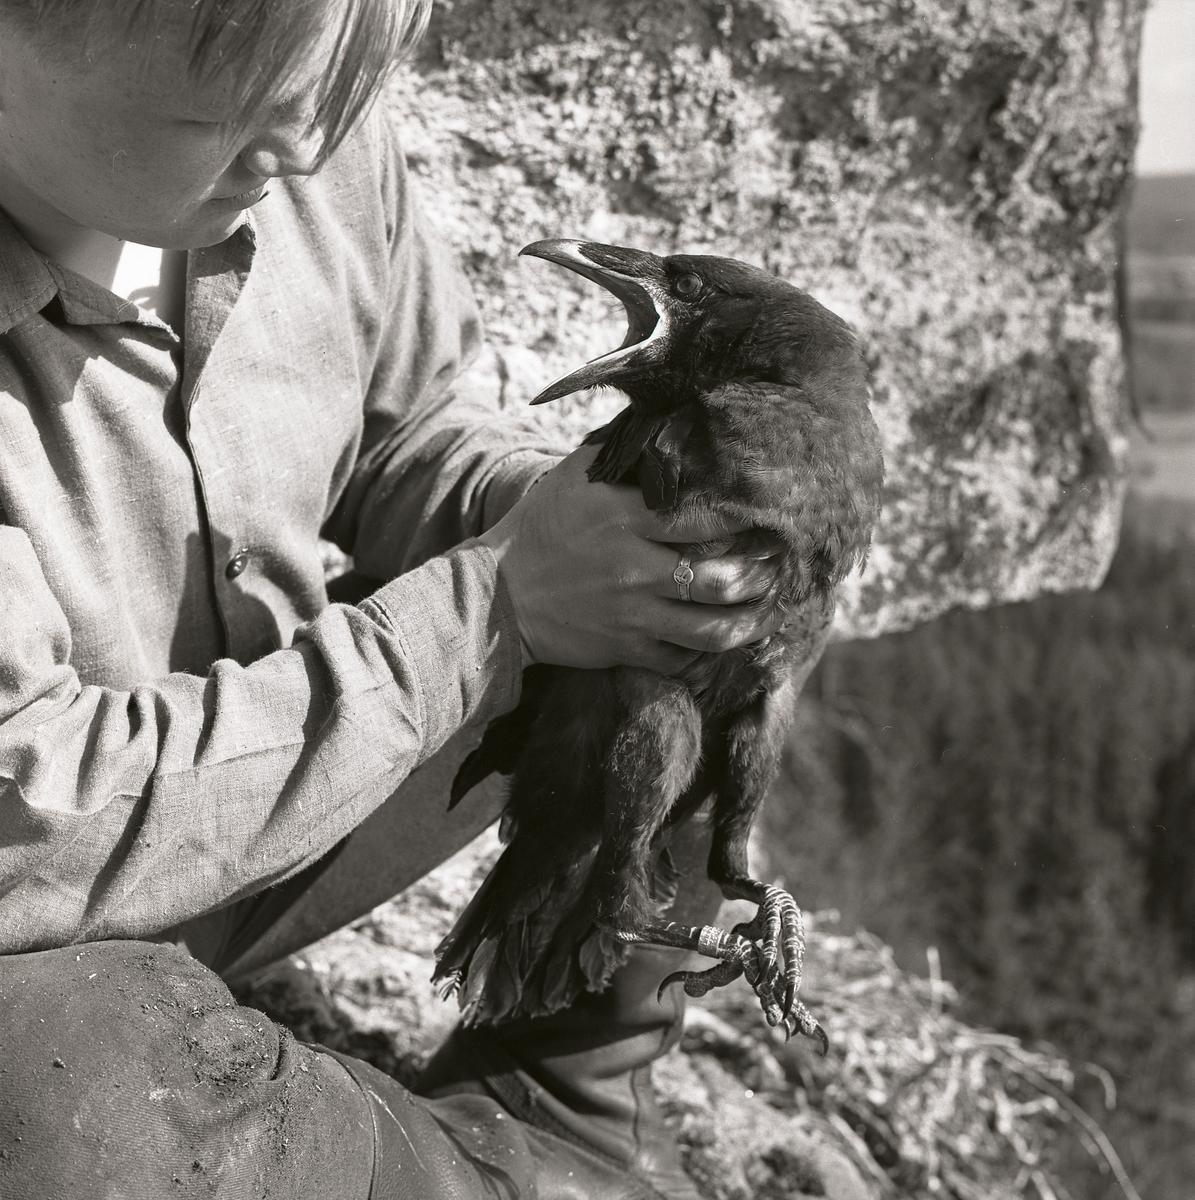 Närbild av pojke som sitter på en klippa och håller i en korp, maj 1962.